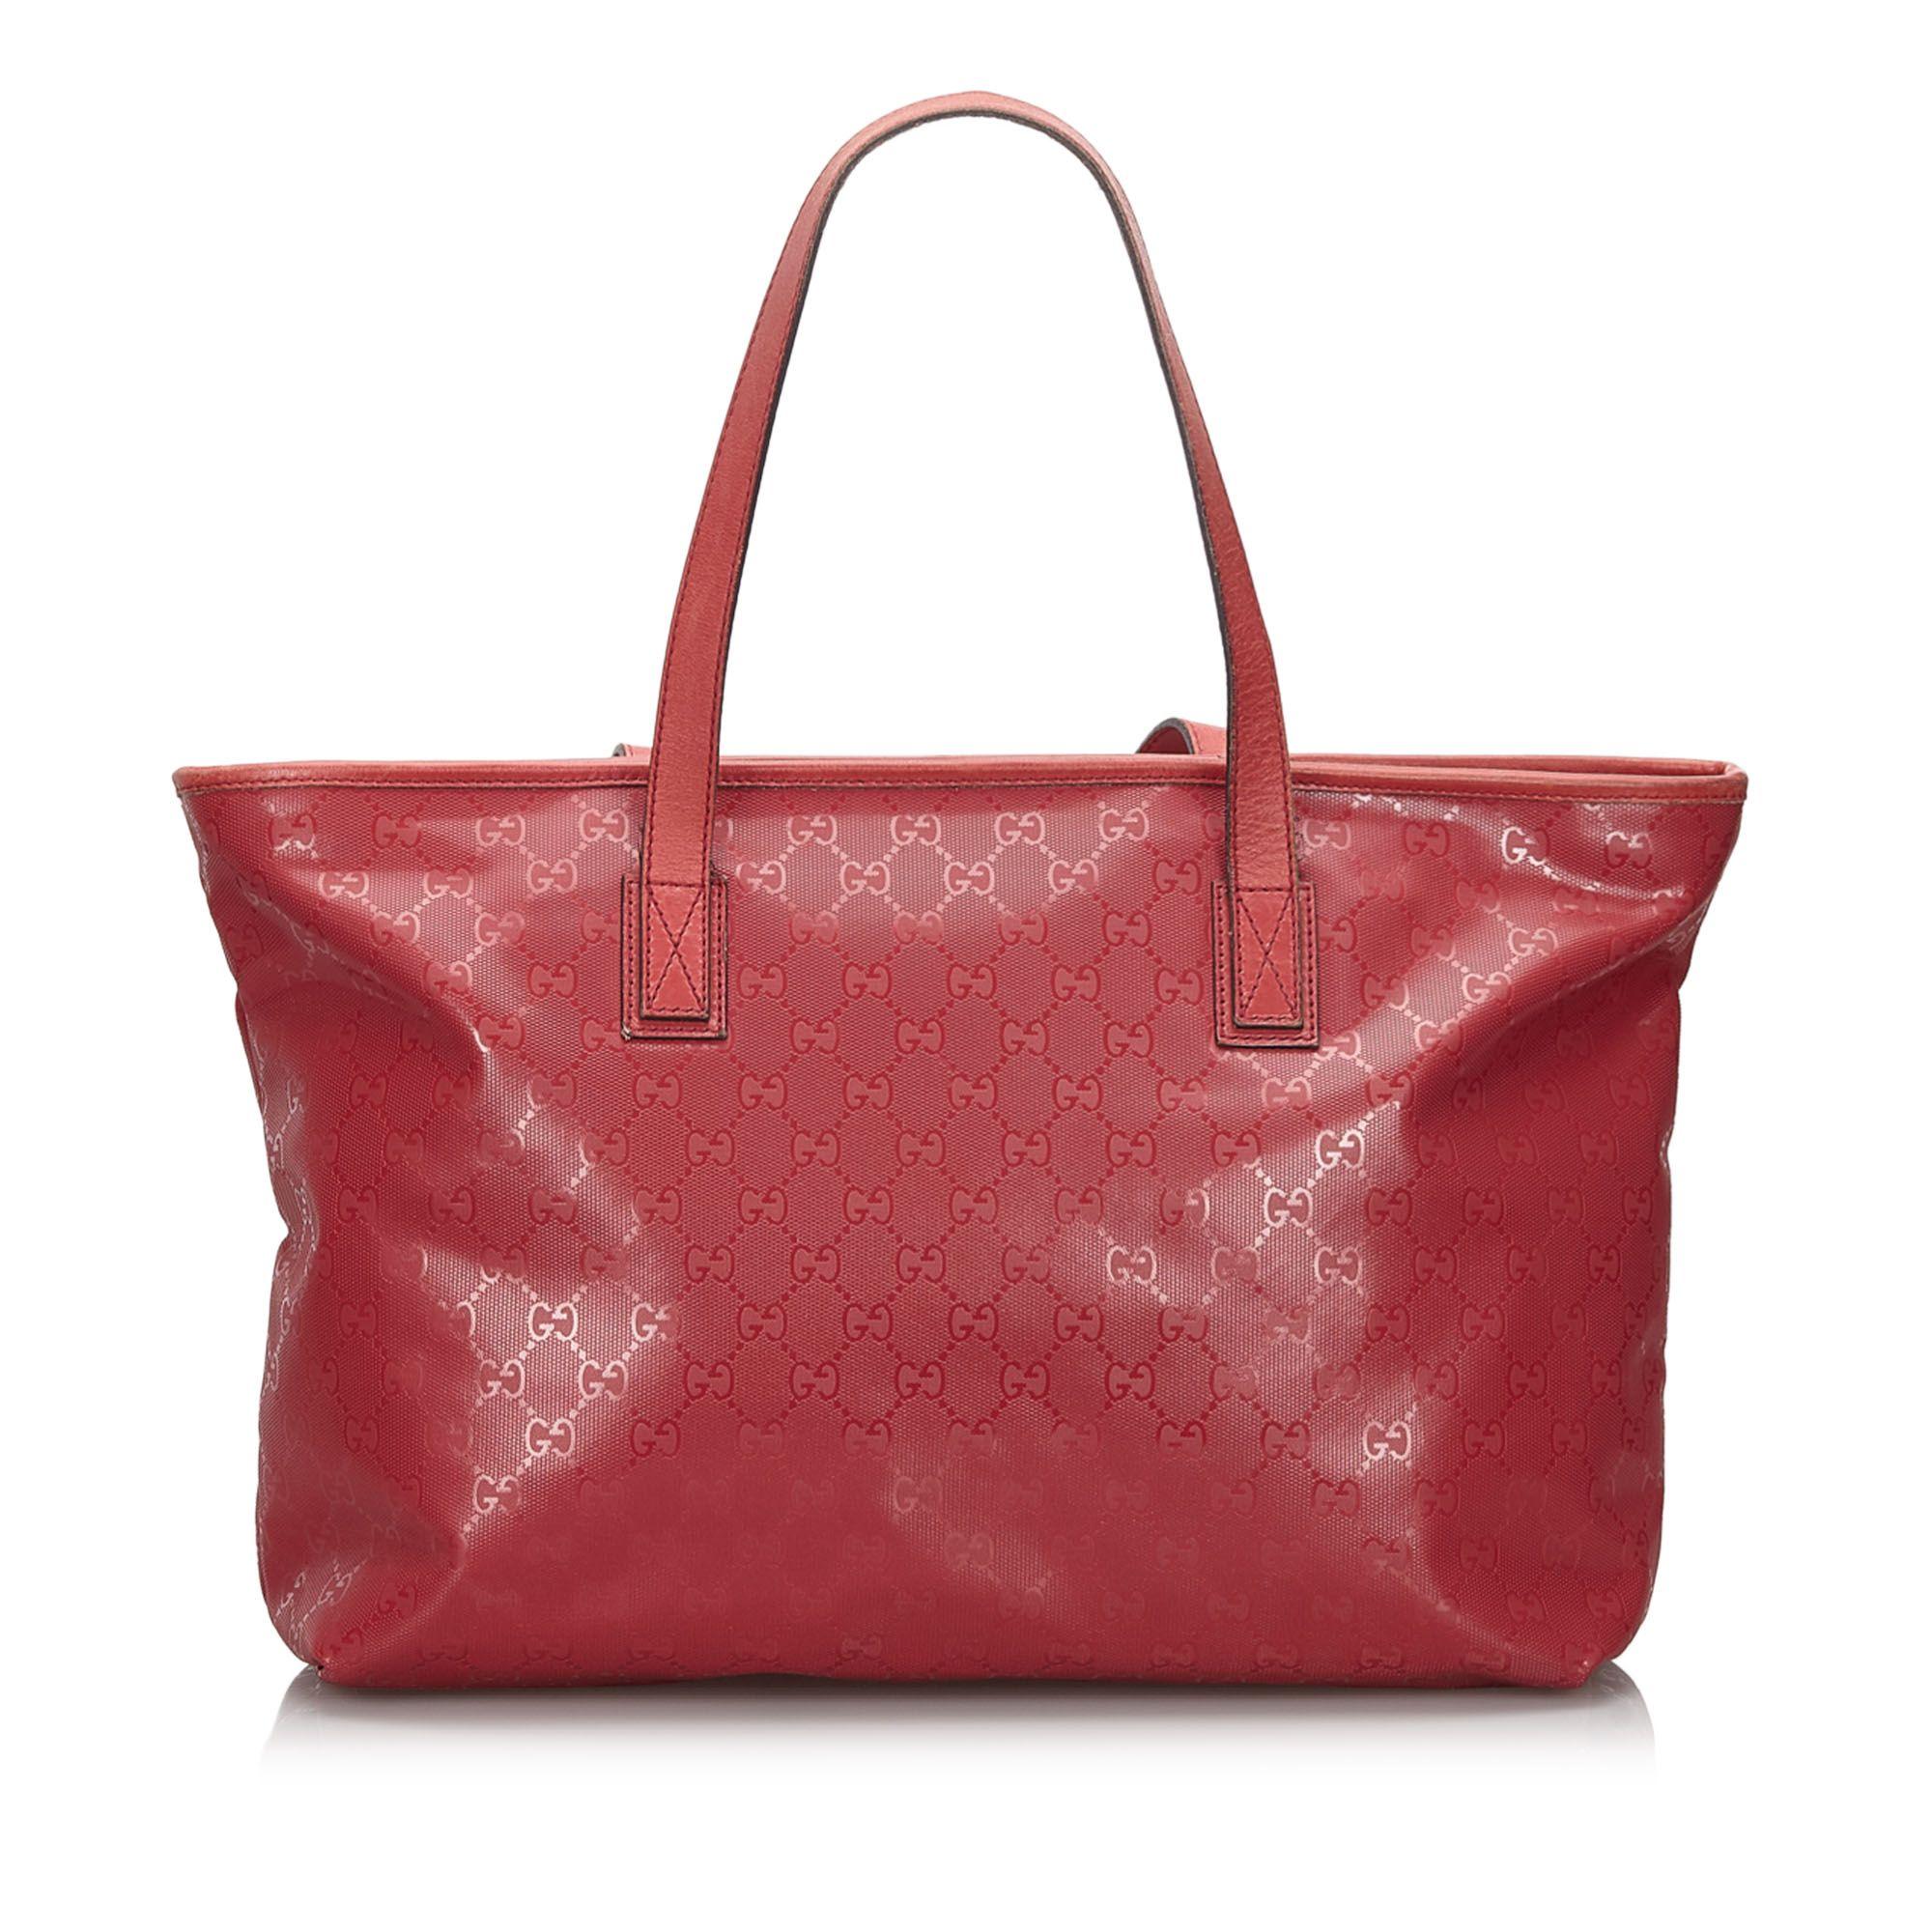 Vintage Gucci GG Imprime Tote Bag Red